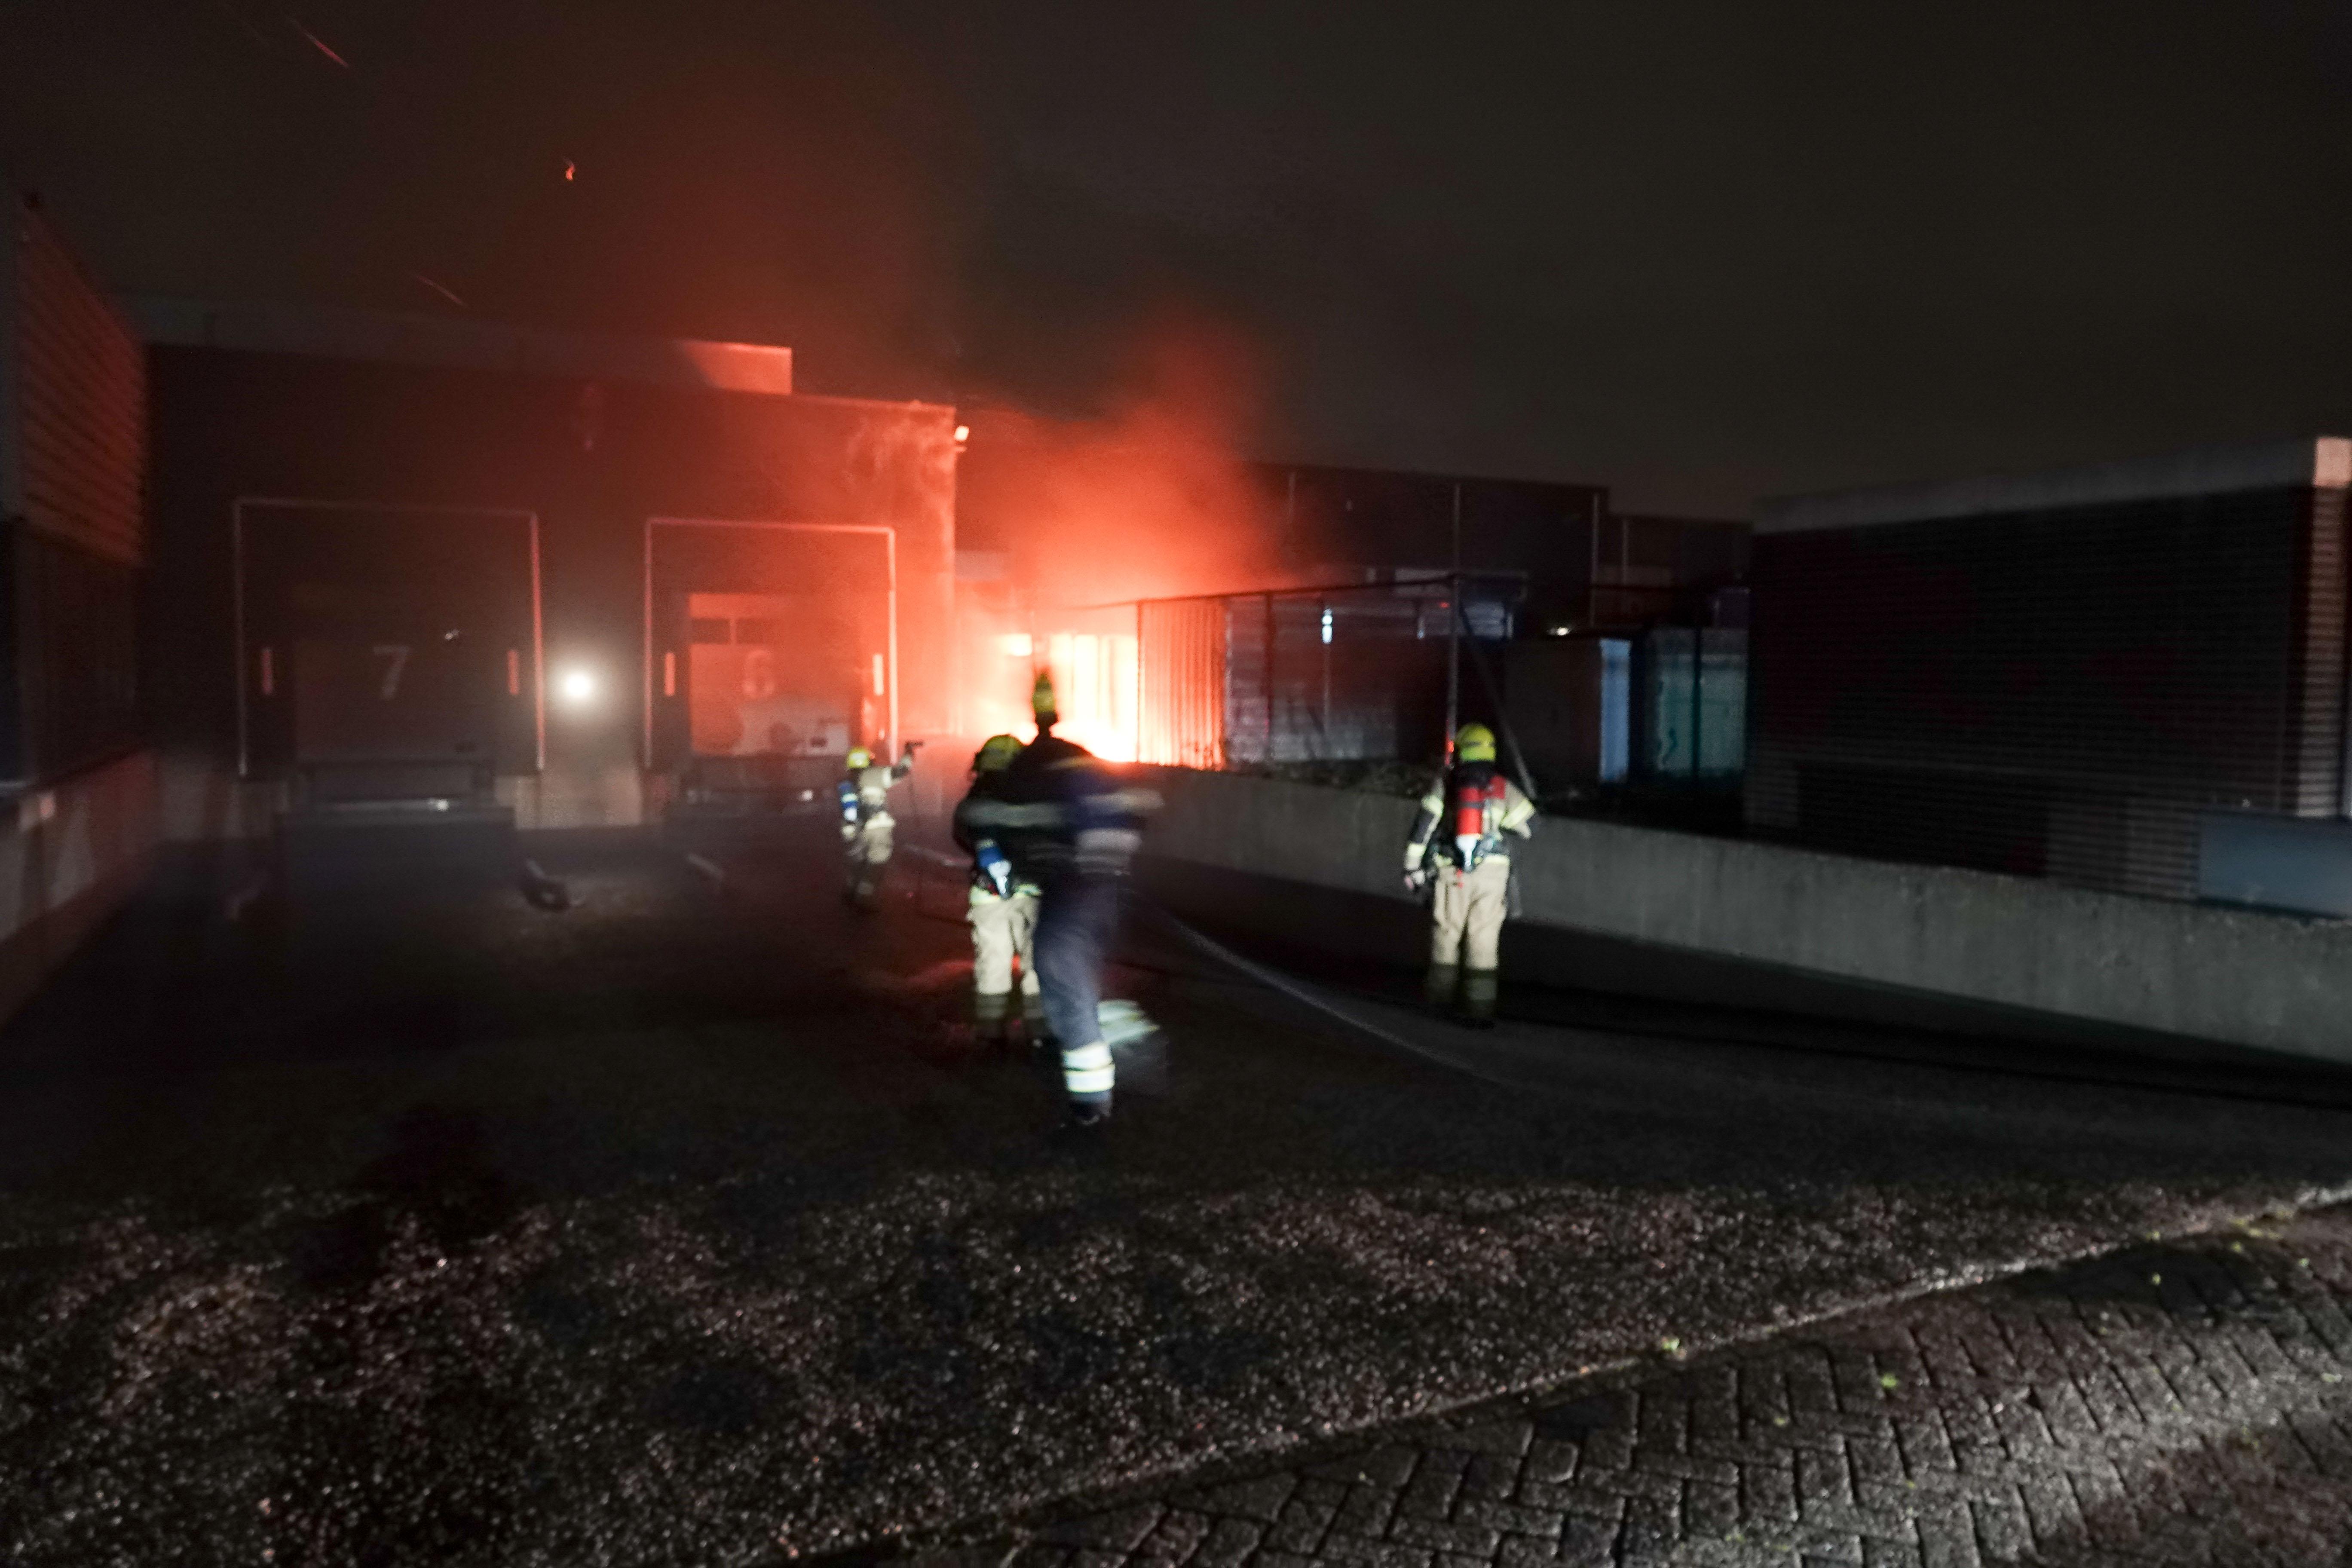 Buitenbrand op terrein van kunststofproductiebedrijf in Heerhugowaard op tijd door brandweer geblust